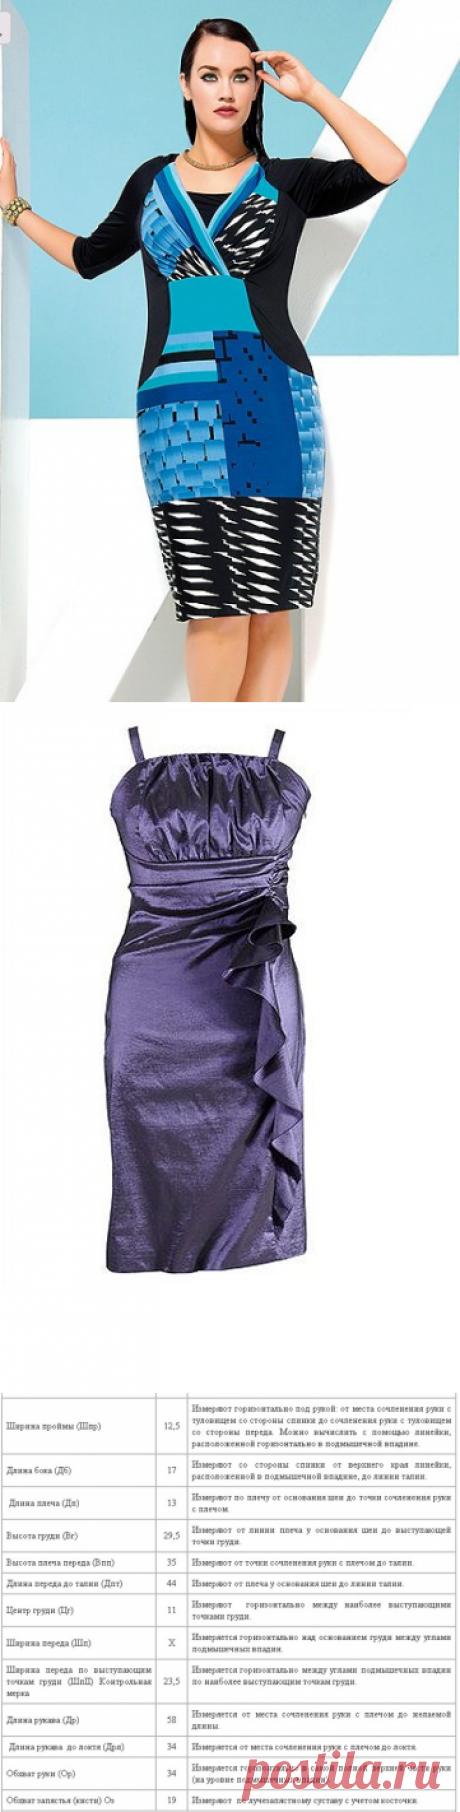 Выкройка-основа платья для полных женщин(54 и 60 р-р)+ идеи платьев